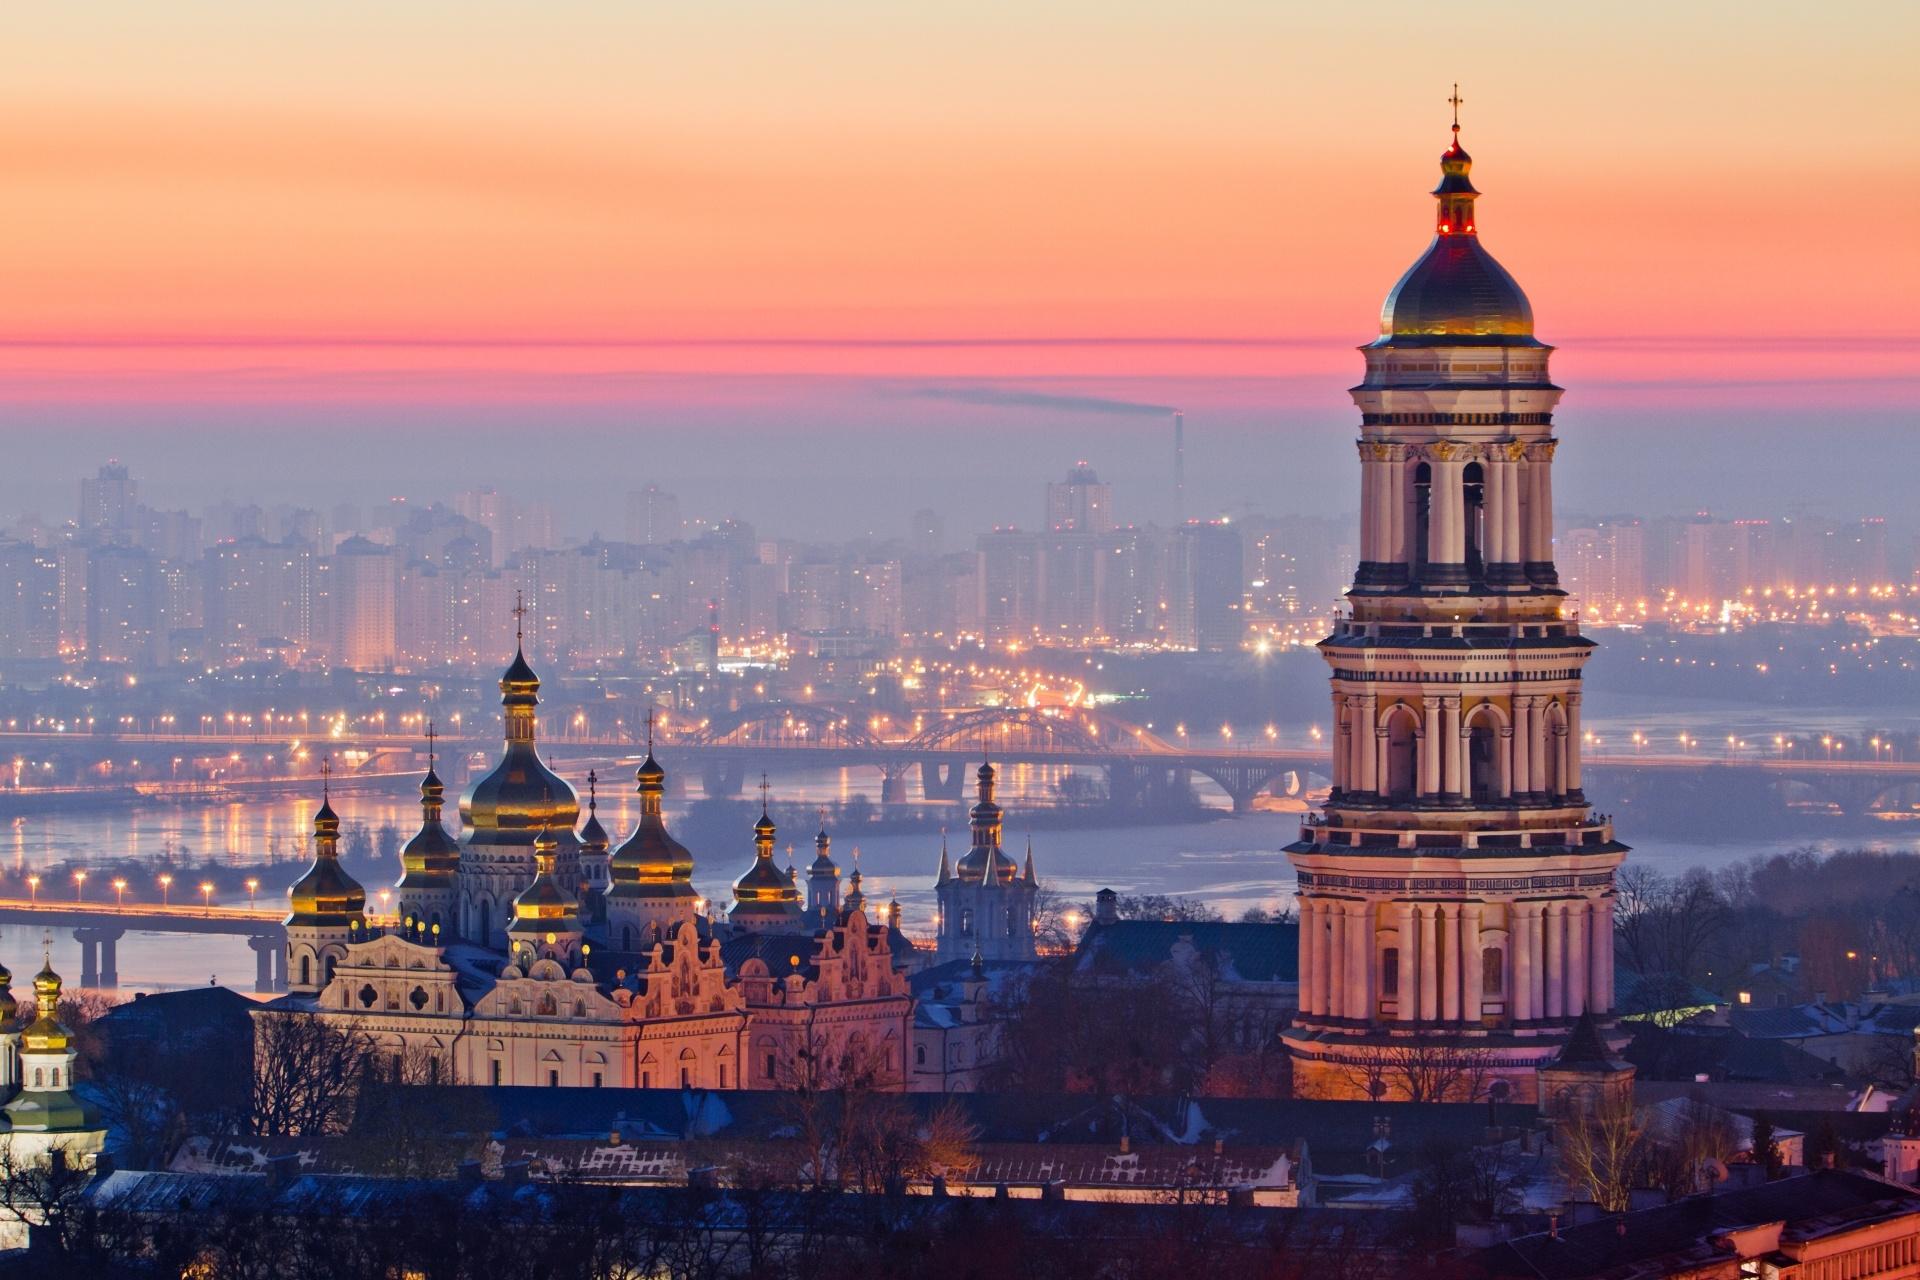 ウクライナ 朝のキエフ・ペチェールシク大修道院